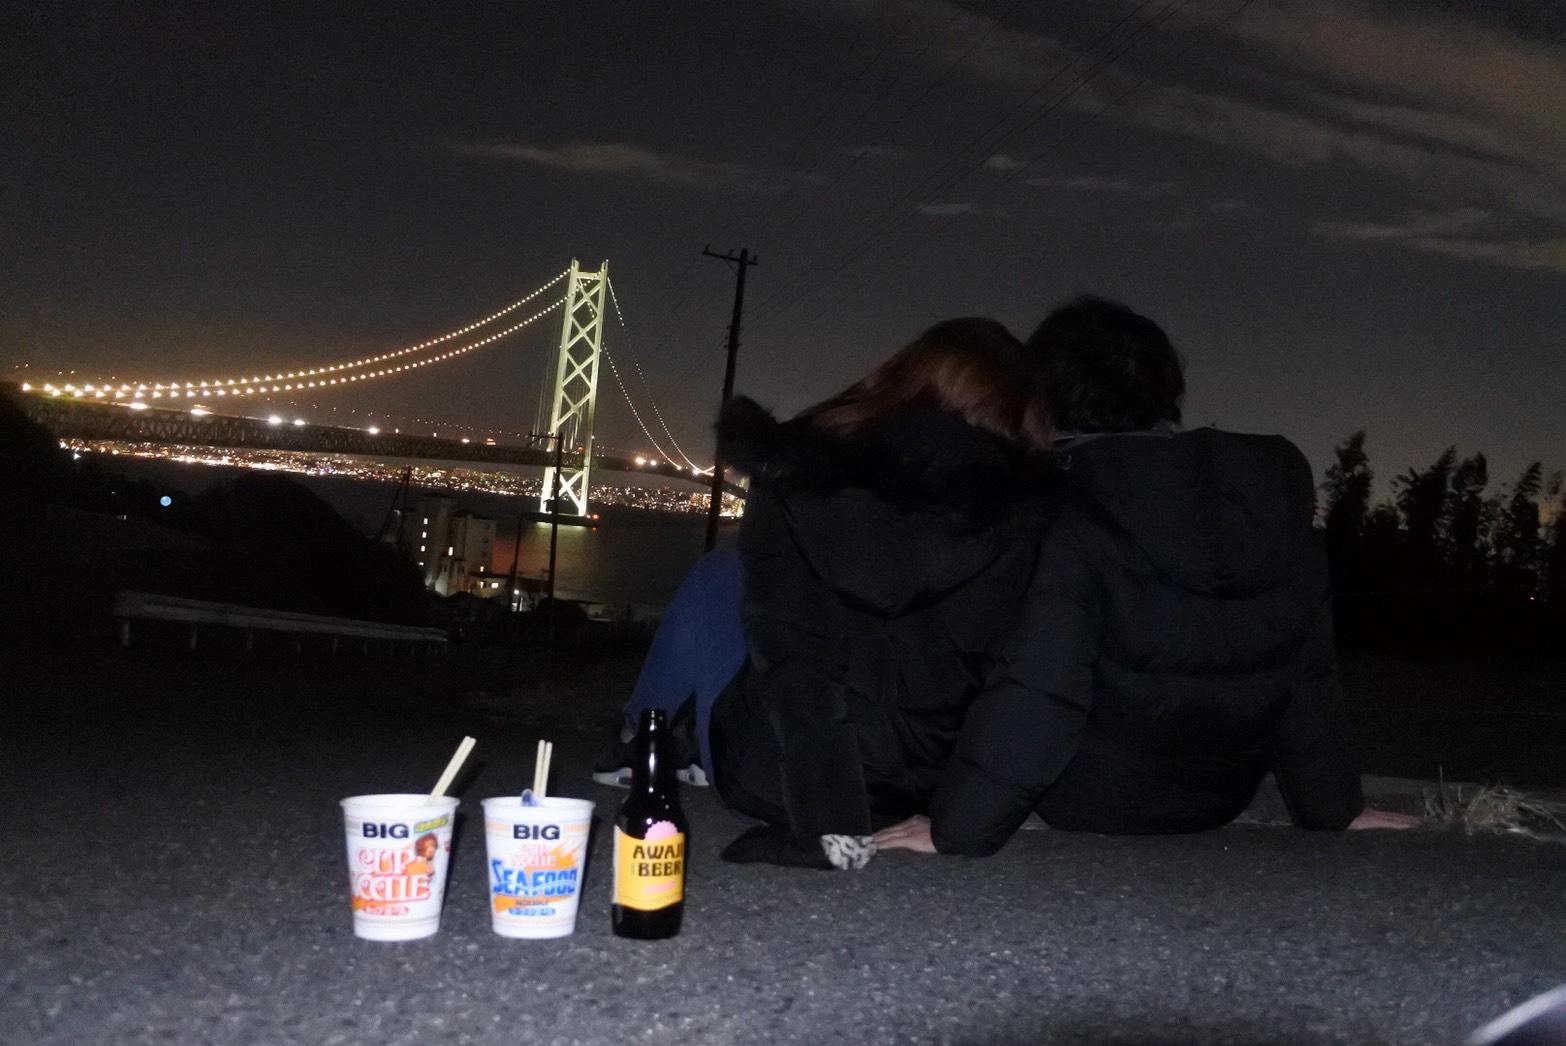 淡路島で夜中に瀬戸大橋を見たときの写真。ヒッチハイクで淡路島一周の旅がスタートした